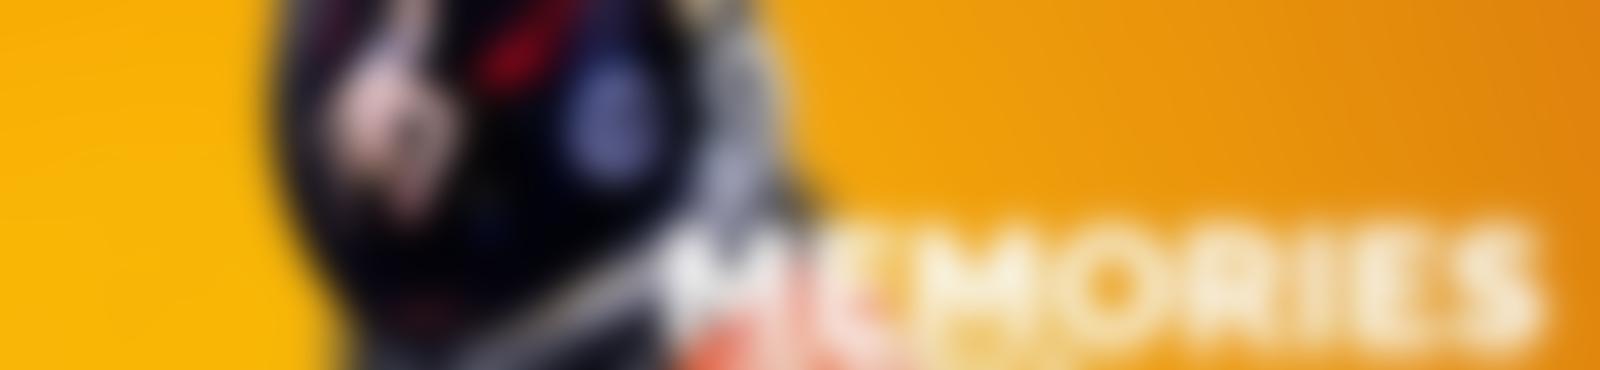 Blurred 5e09053d c583 455f 985c c01212ea1824